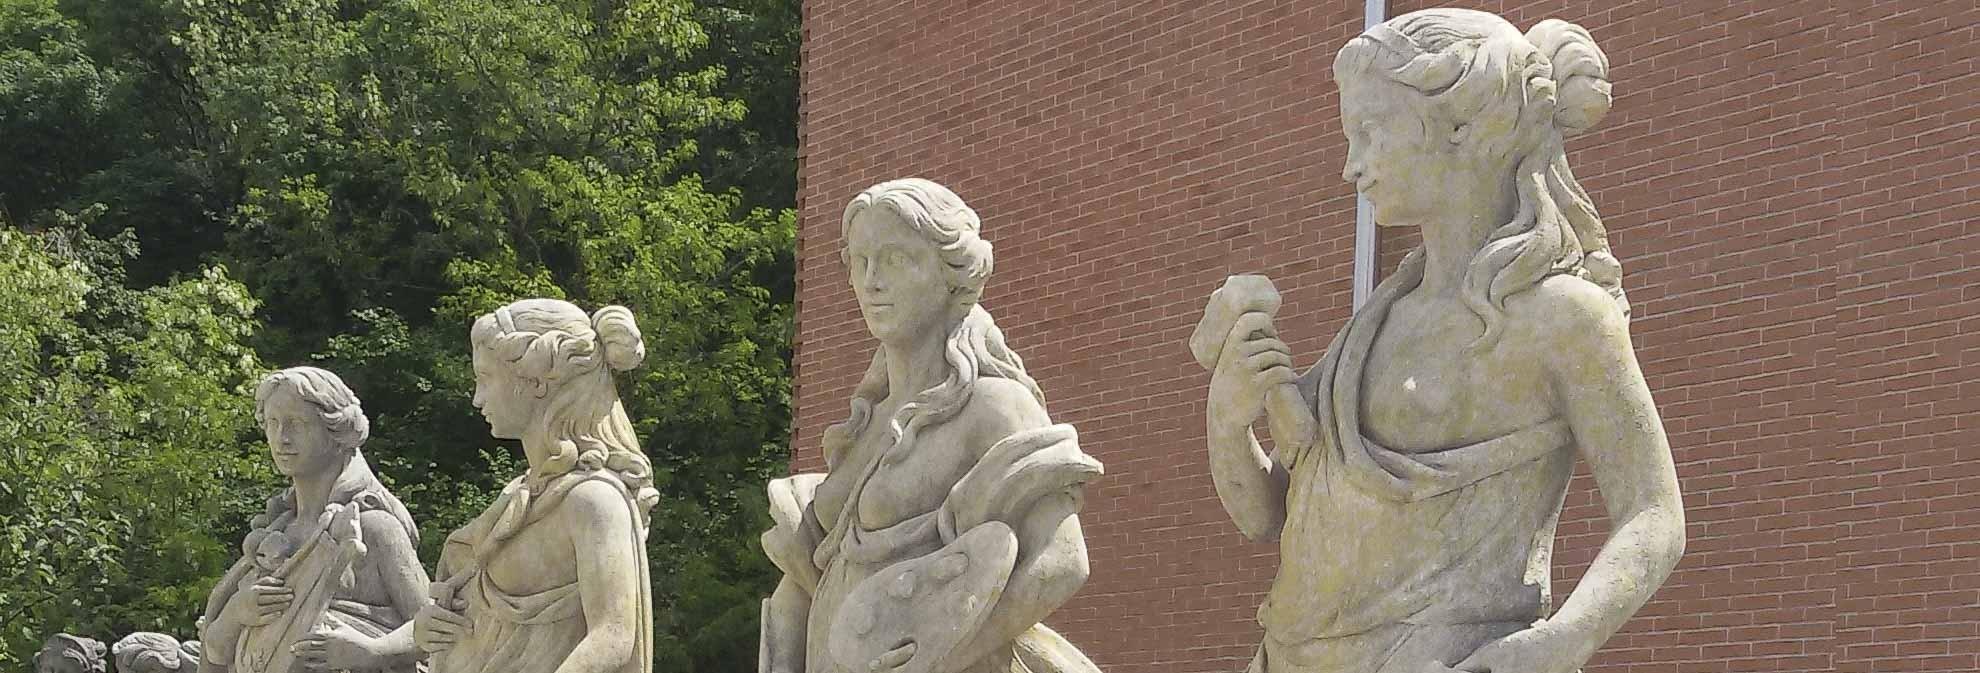 Statue e sculture classiche in pietra di vicenza for Ercole farnese 2017